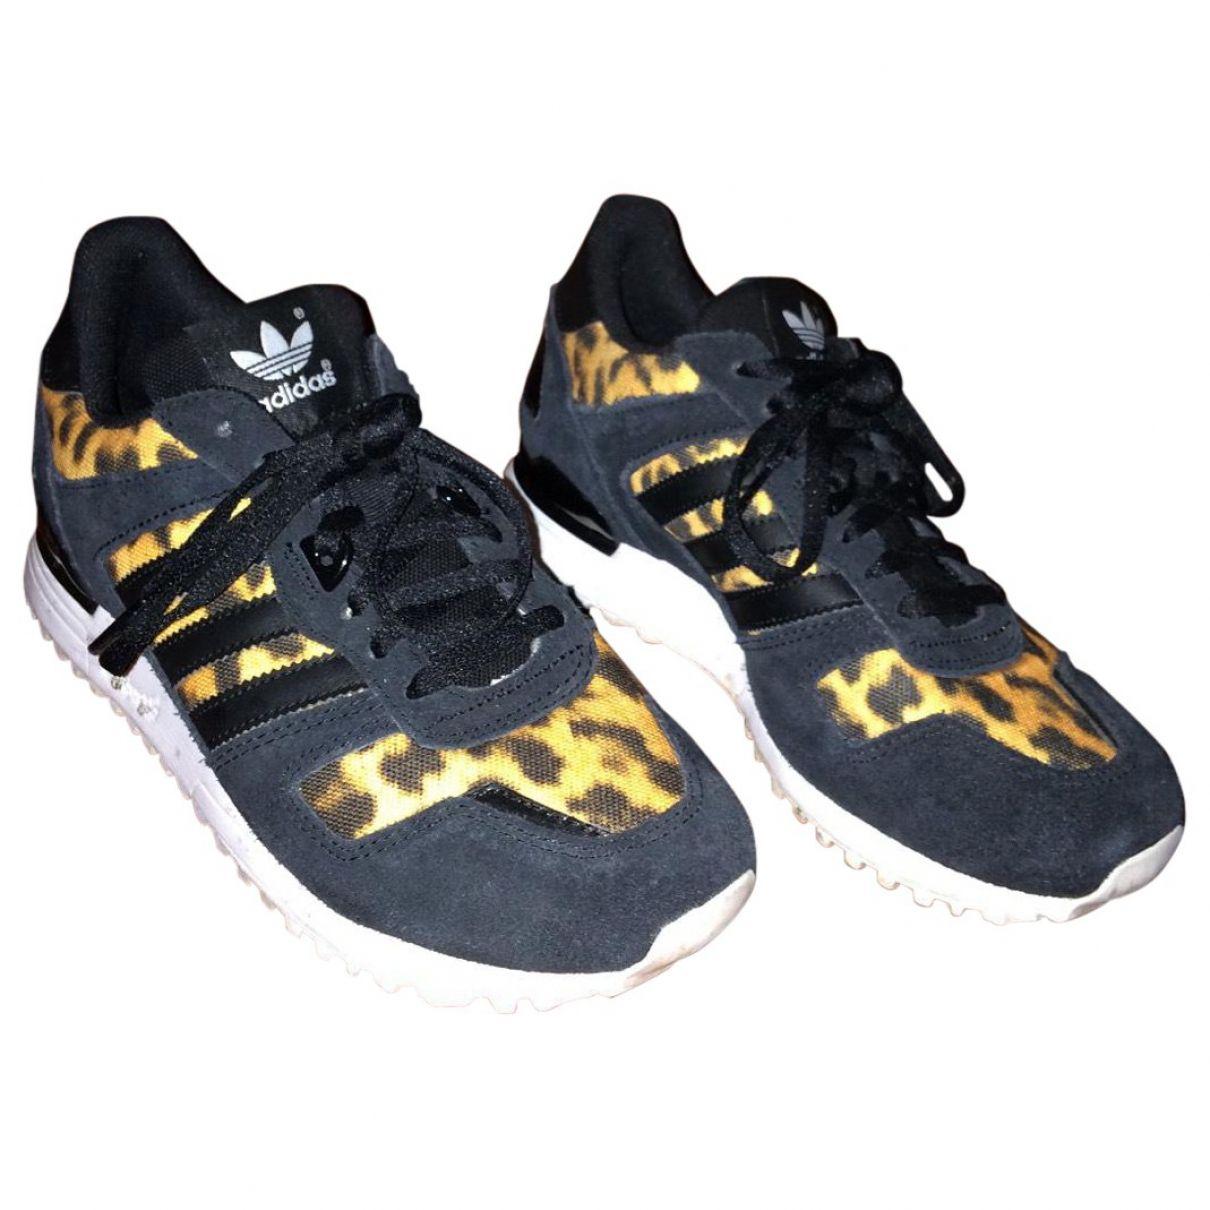 Adidas Zapatillas adidas estampado de leopardo estampado de leopardo, formadores y